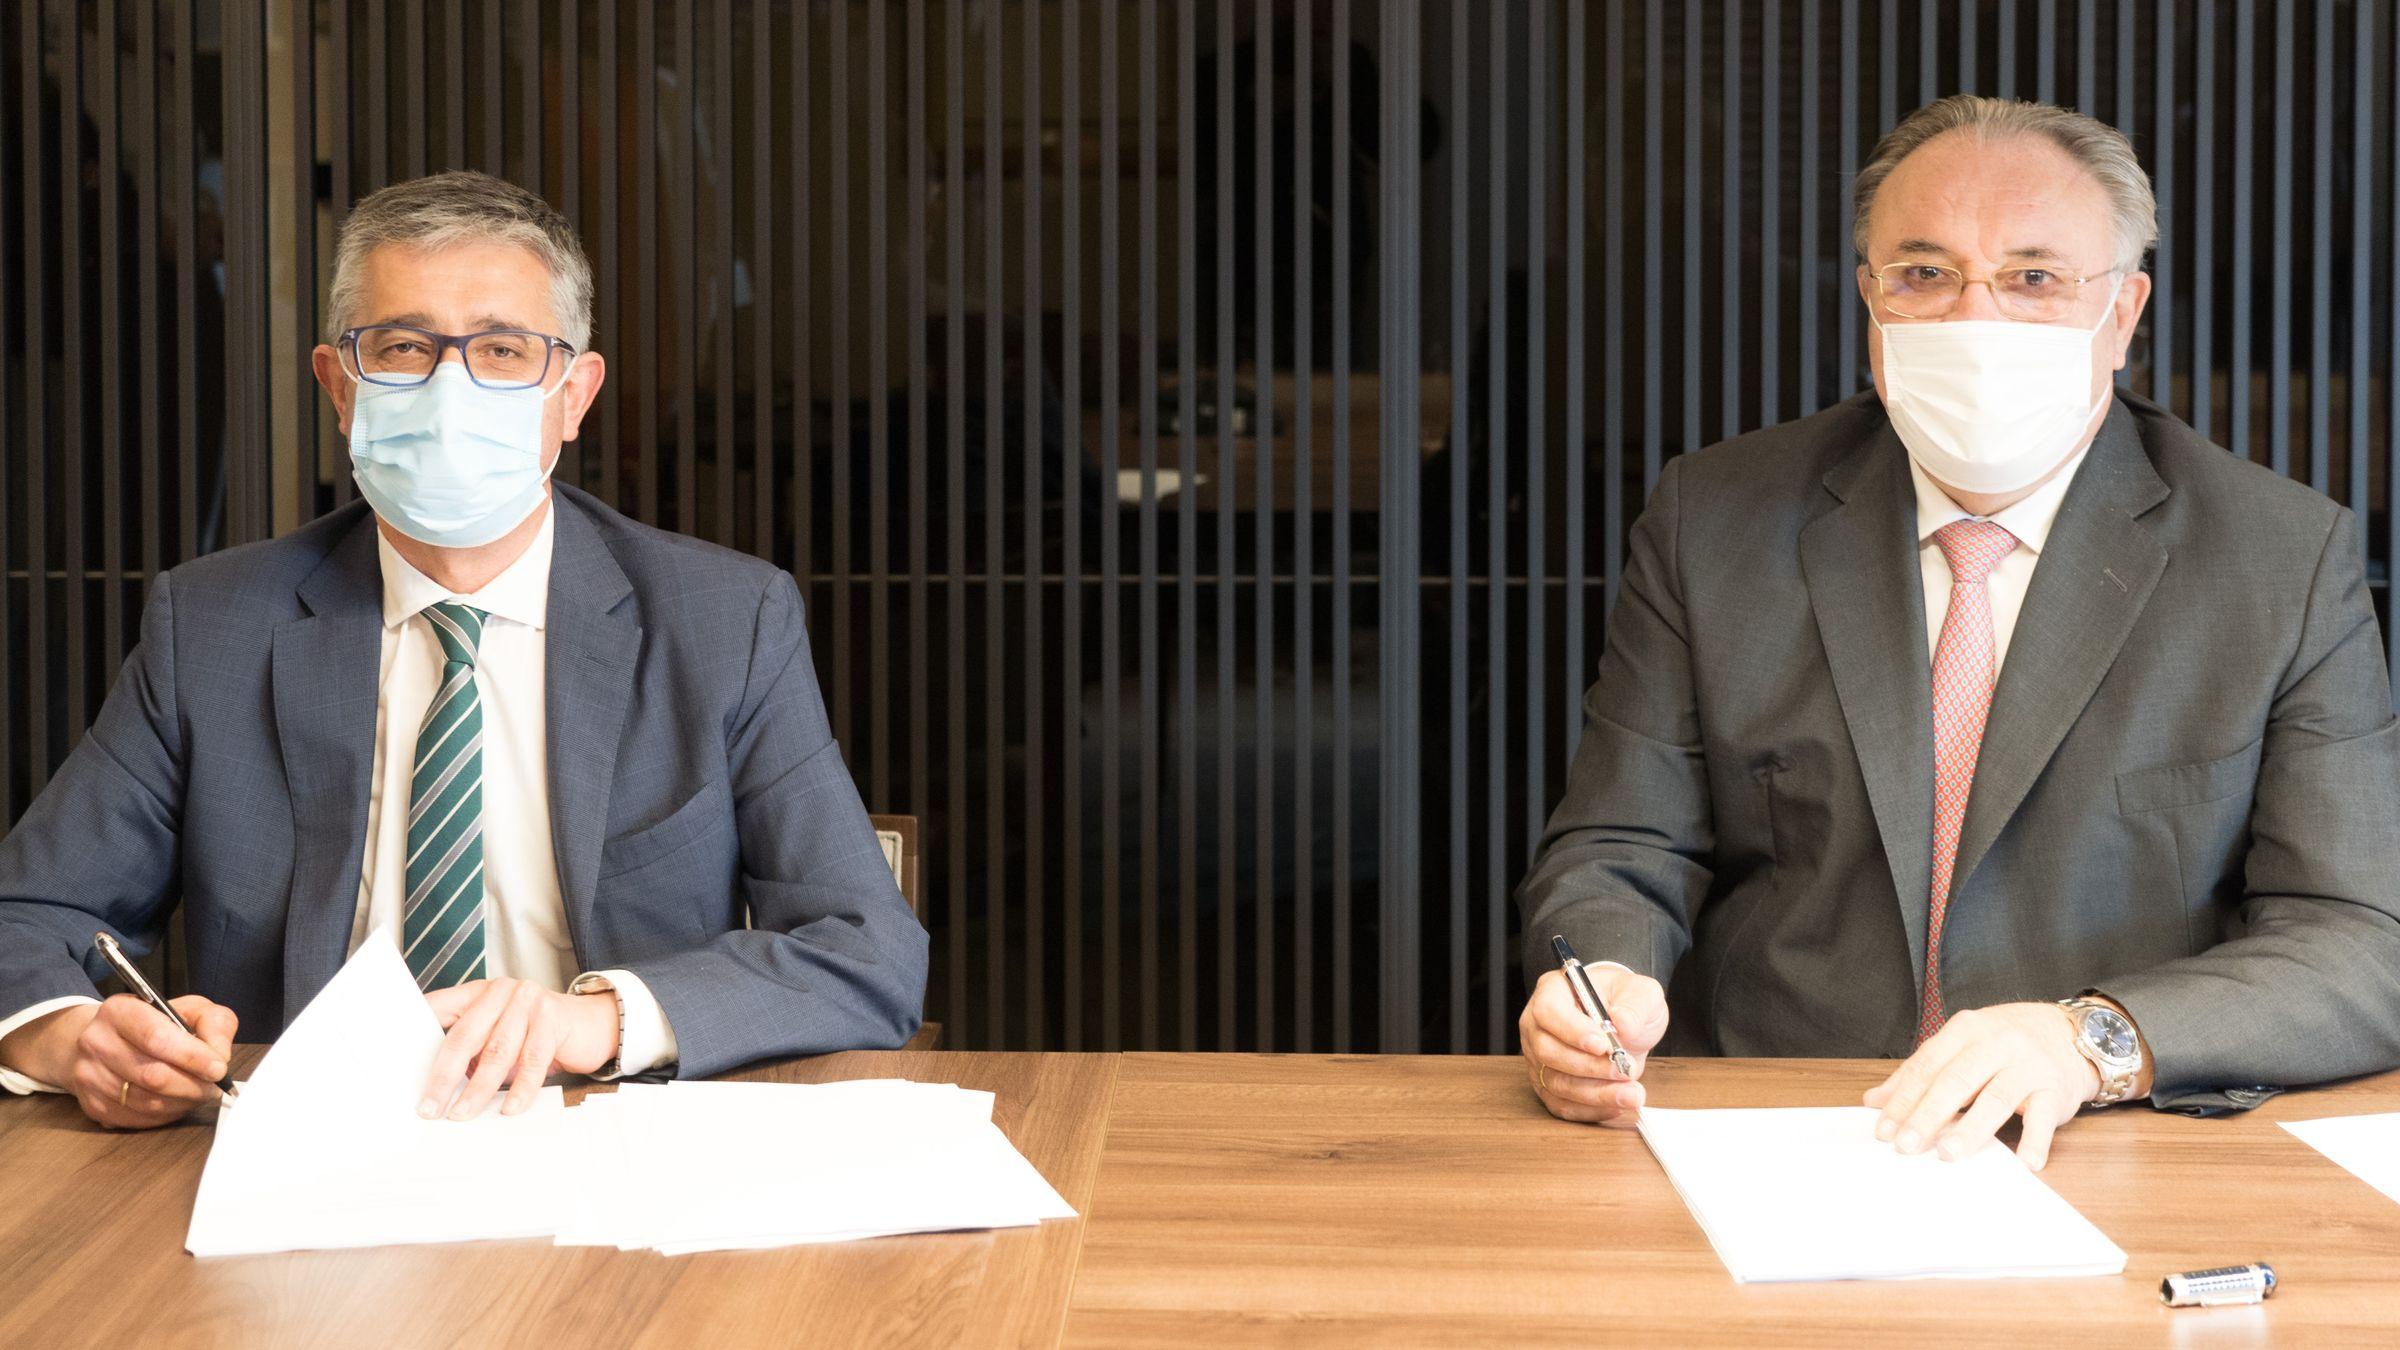 Nemesio Rodríguez, director Territorial Norte y Portugal de Naturgy, y José Antonio Jainaga, presidente de Sidenor, durante la firma del acuerdo